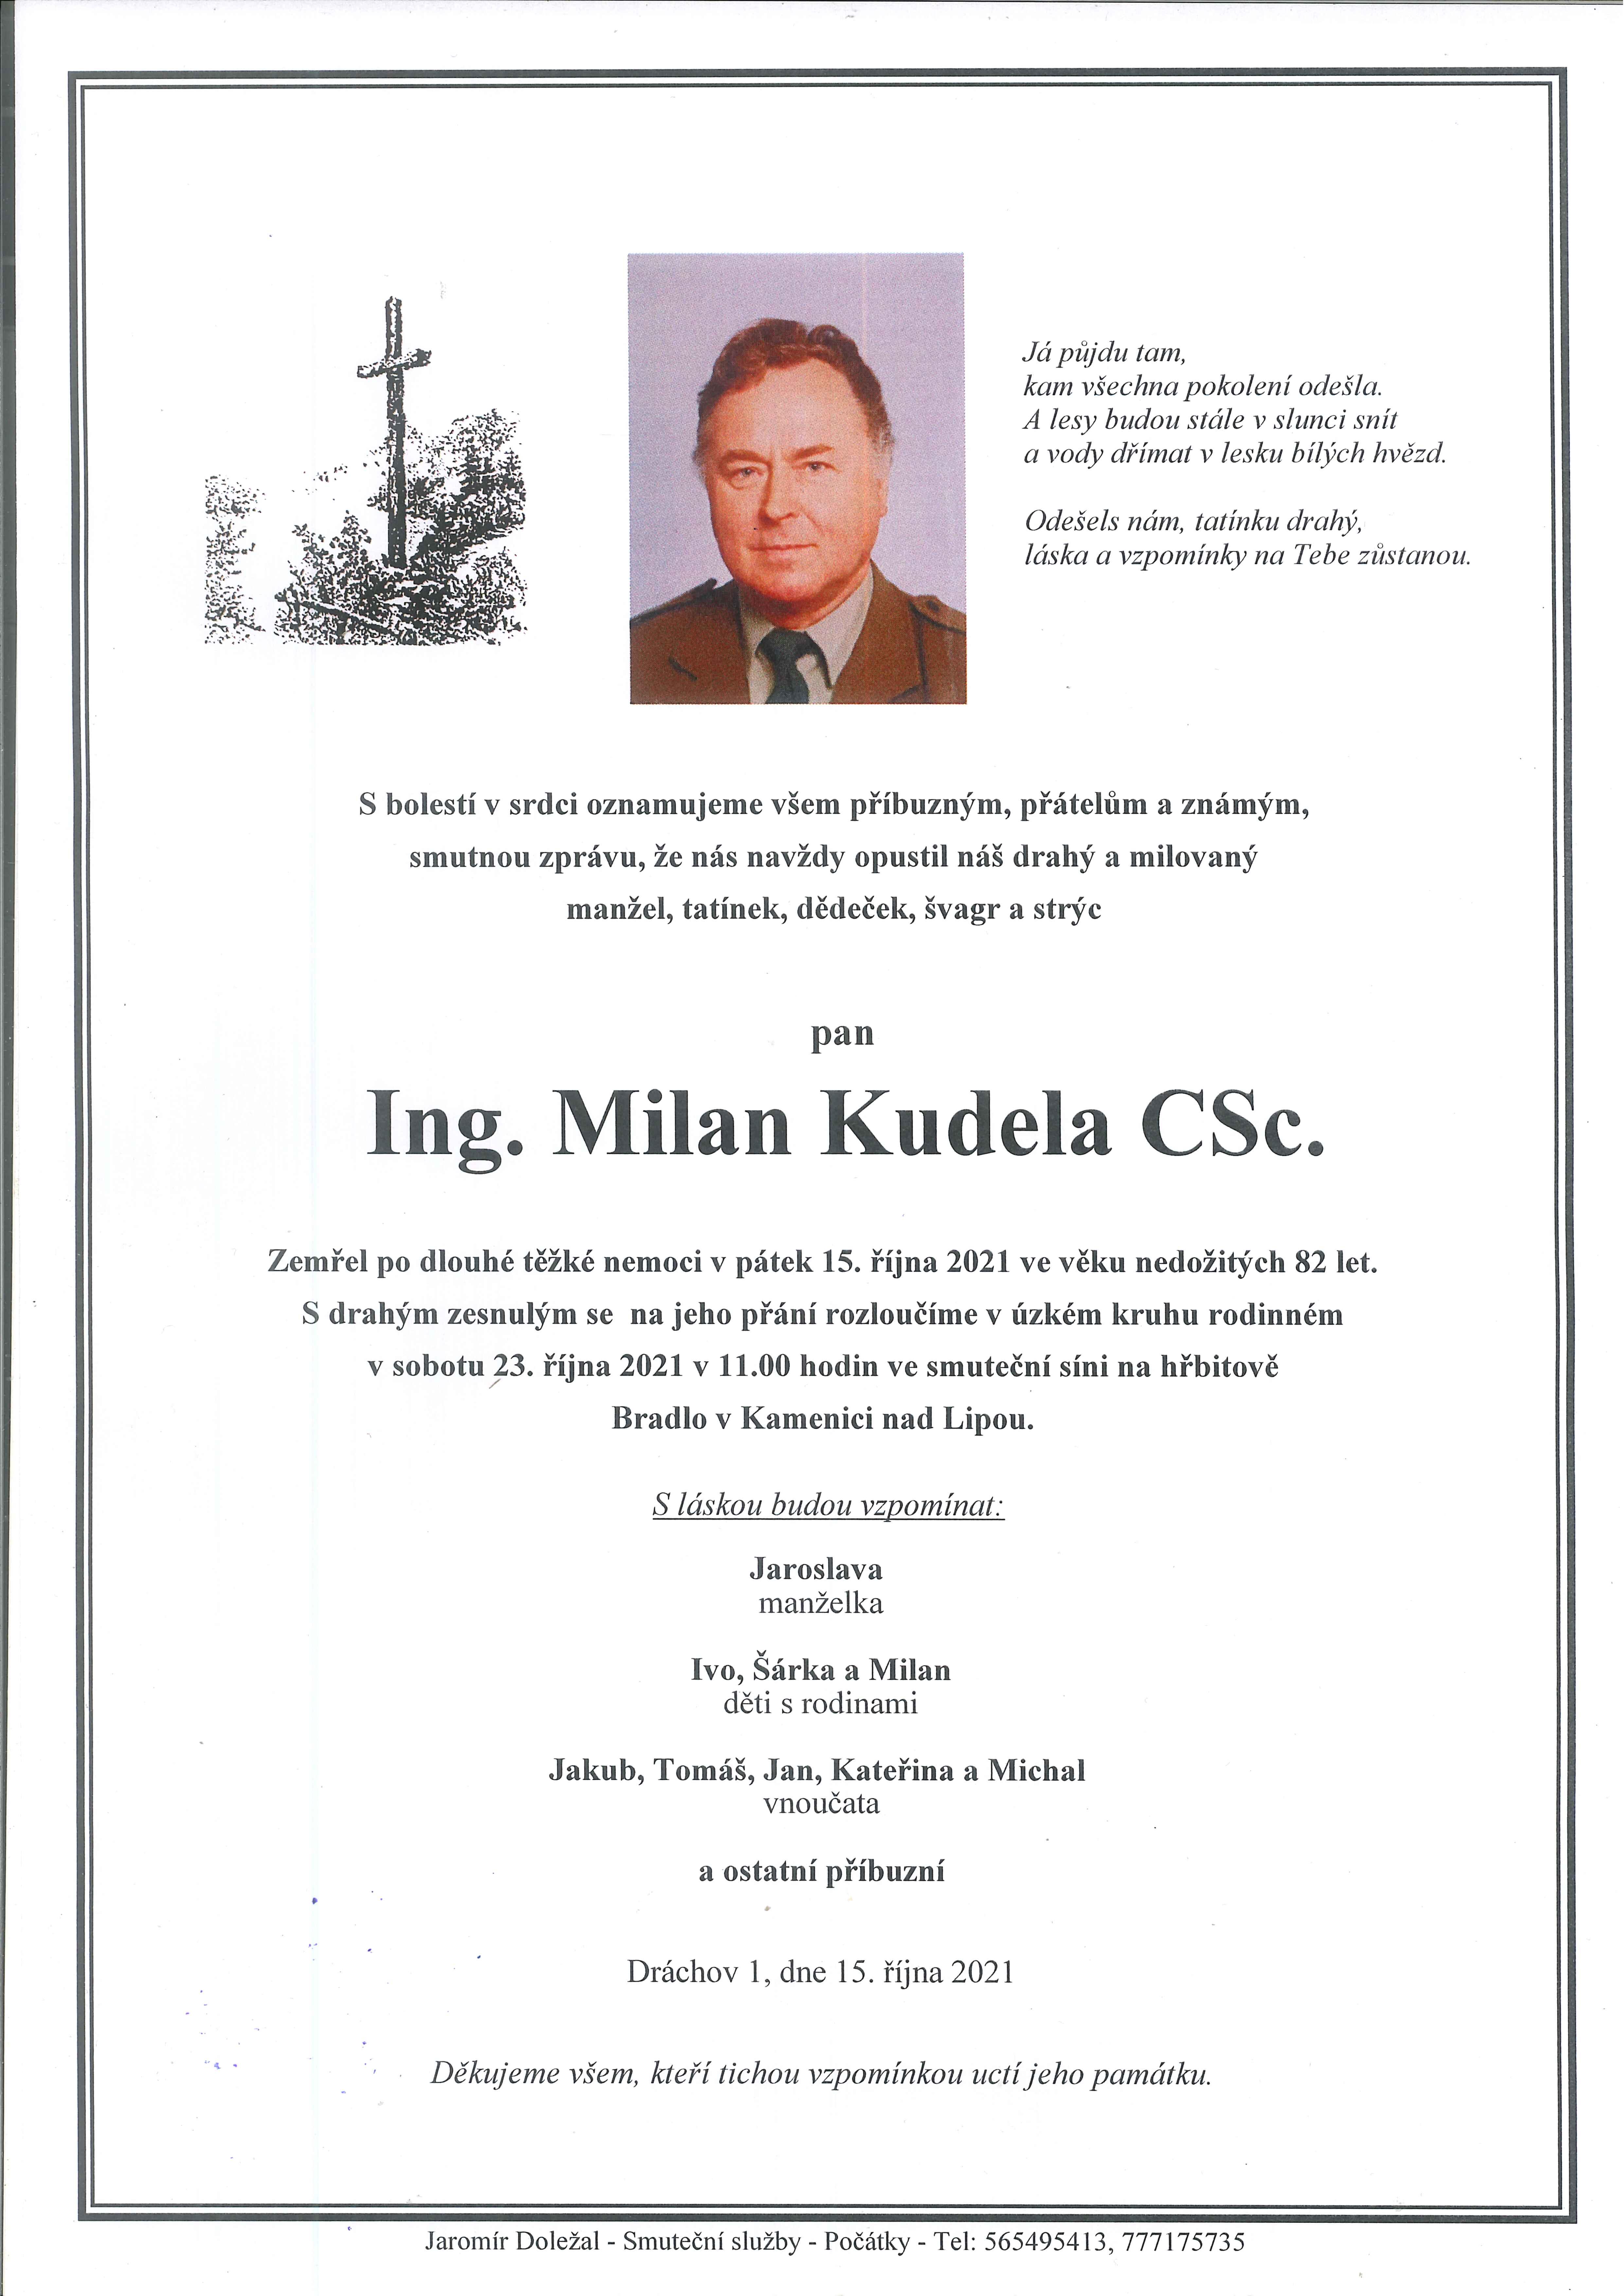 Ing. Milan Kudela CSc.